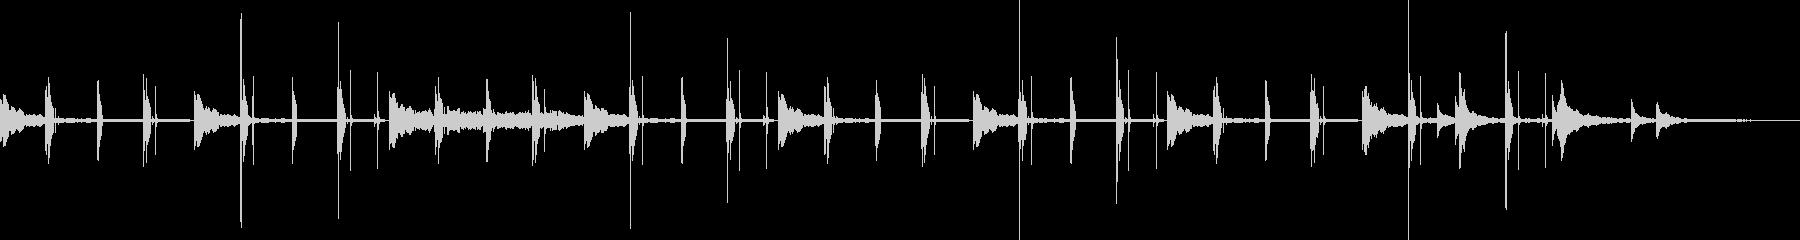 劇的な内包のための民族的音を伴う瞑...の未再生の波形